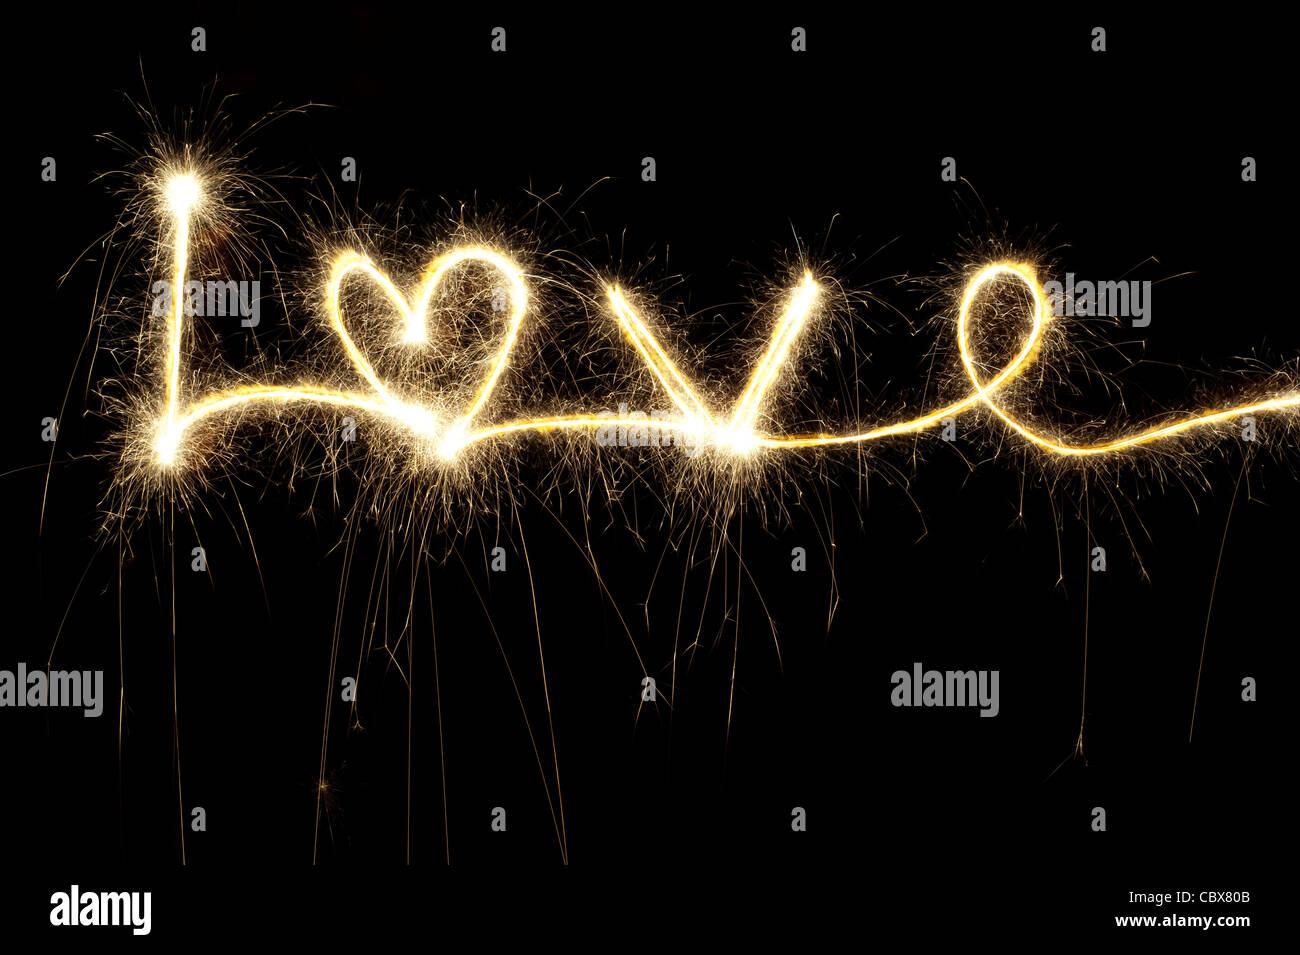 Amore scritte con un sparkler a notte compresa una forma di cuore Immagini Stock